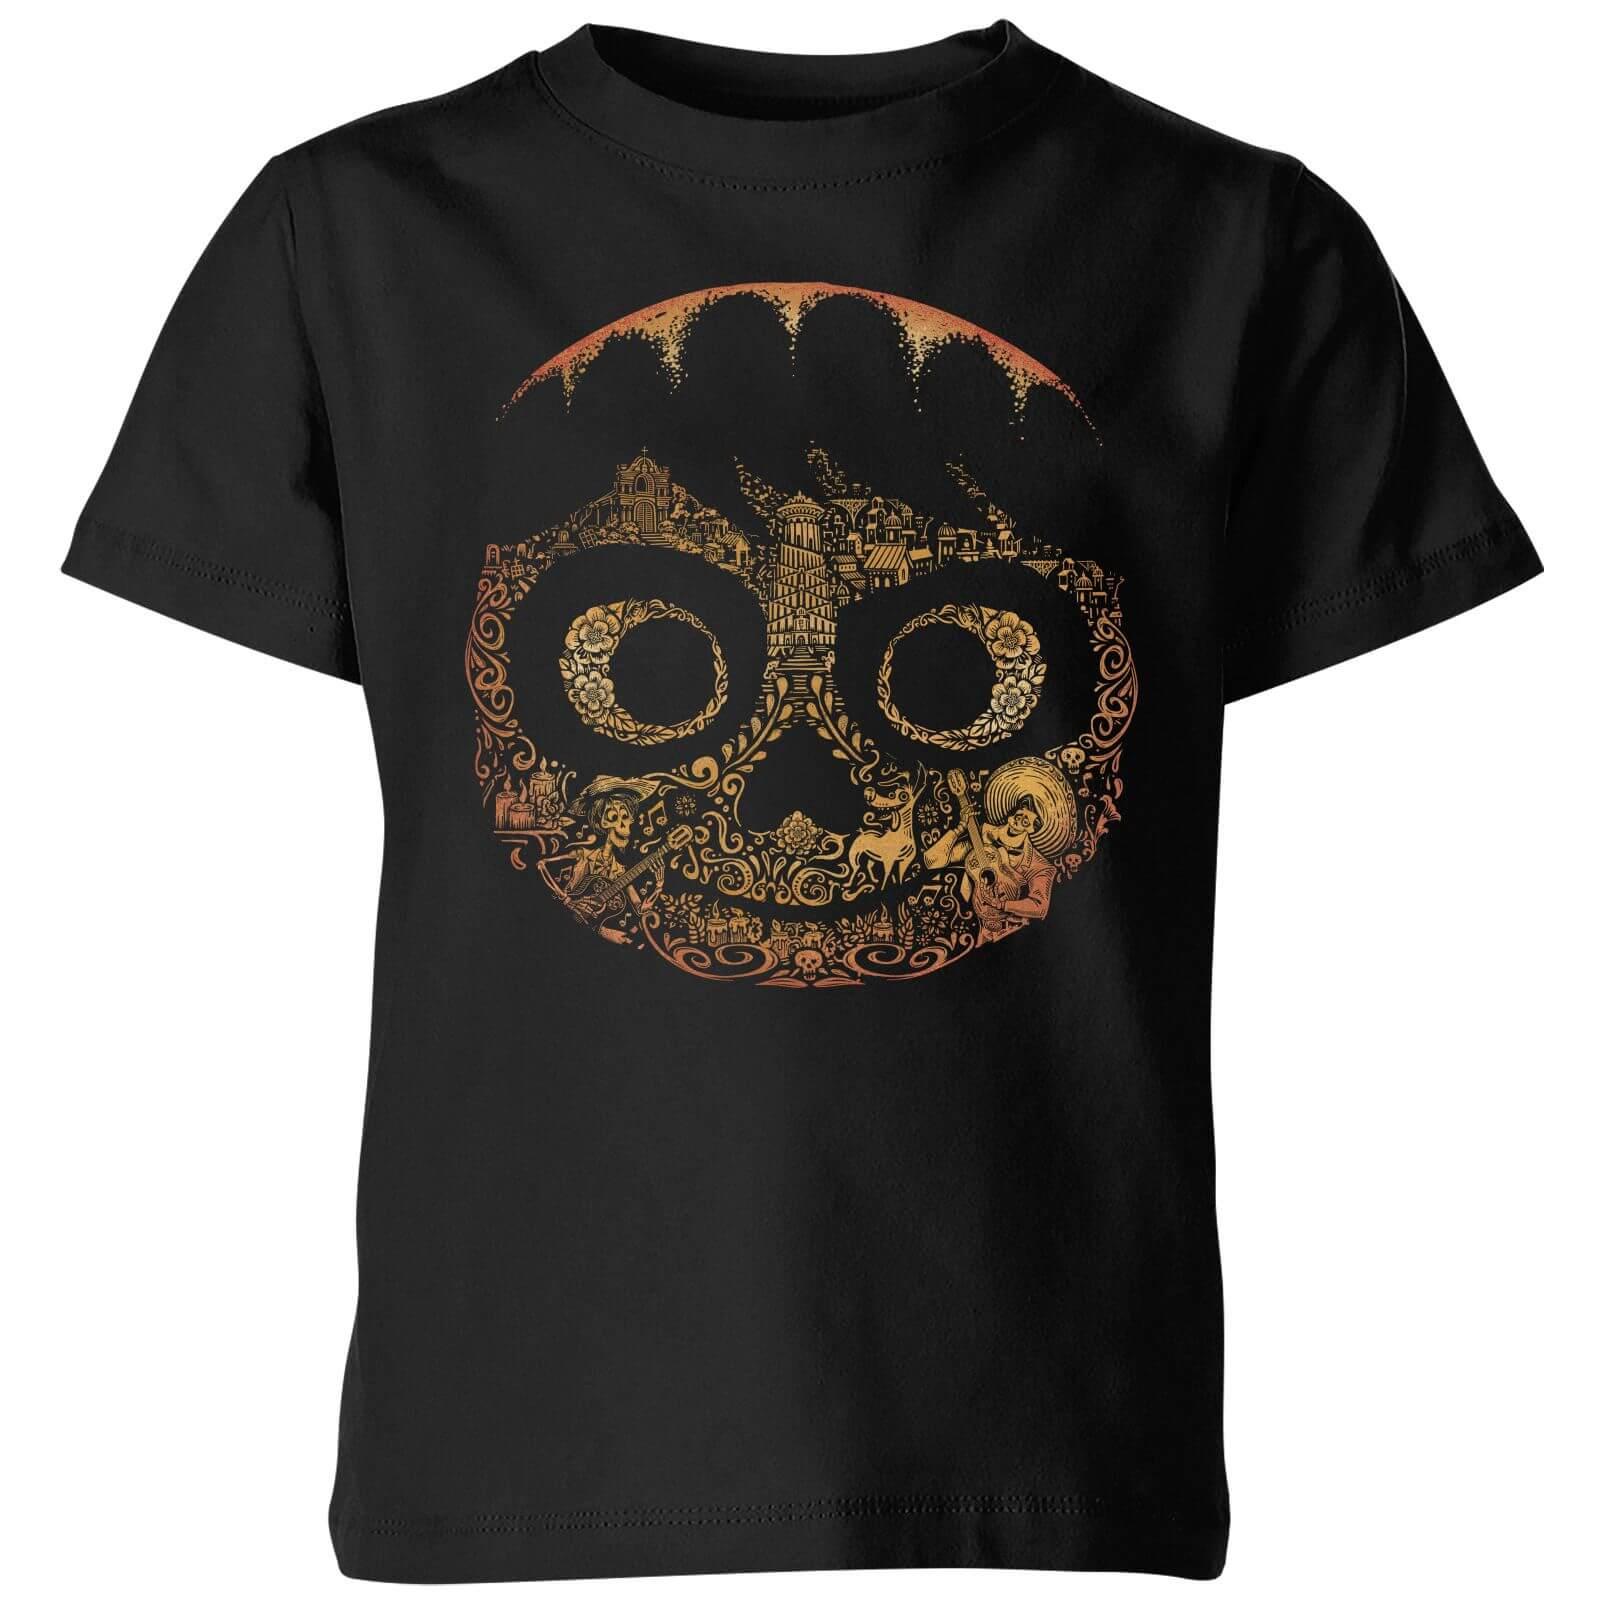 Pixar T-Shirt Enfant Visage Miguel Coco - Noir - 7-8 ans - Noir